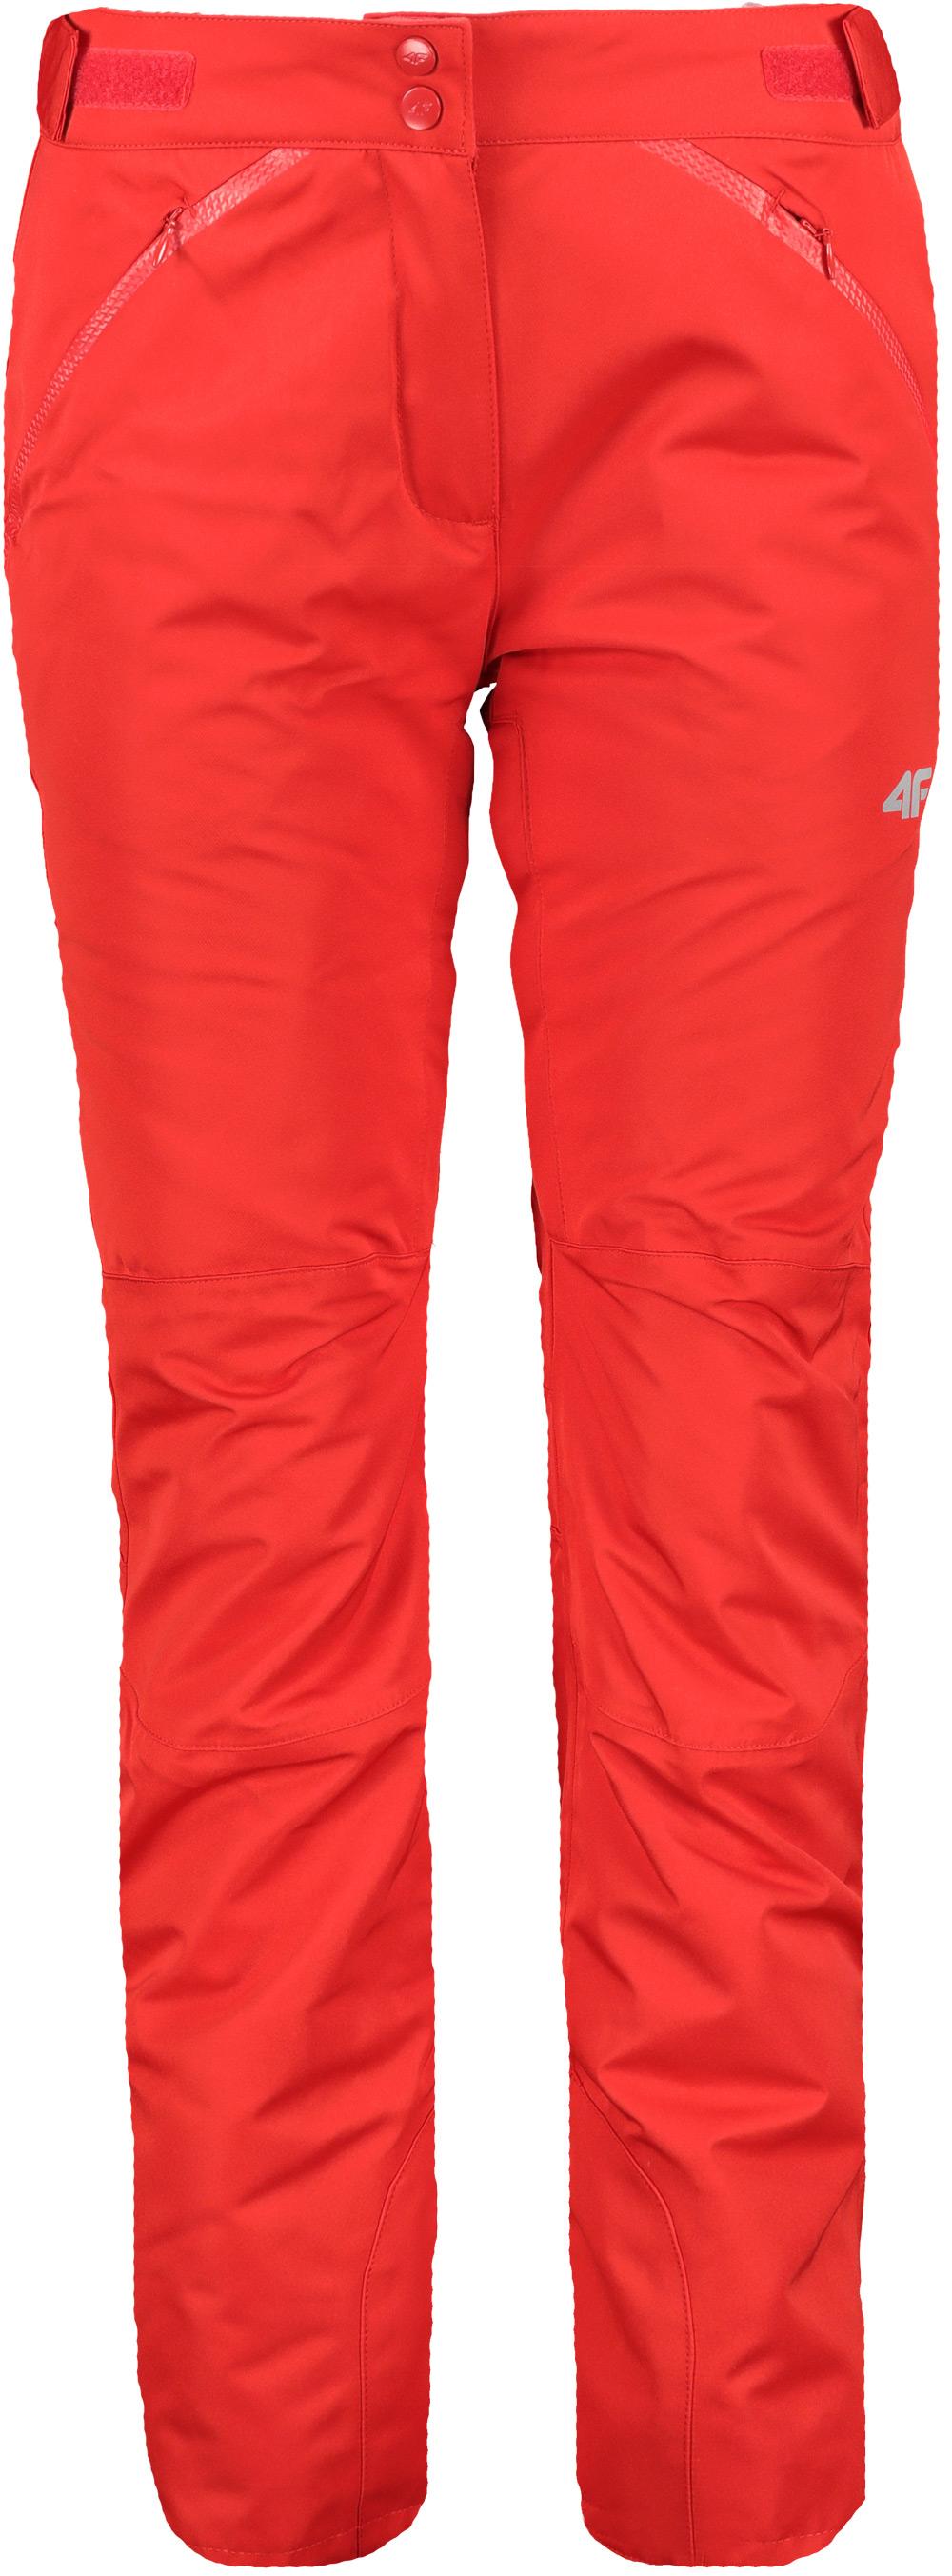 Nohavice lyžiarske dámske 4F SPDN152